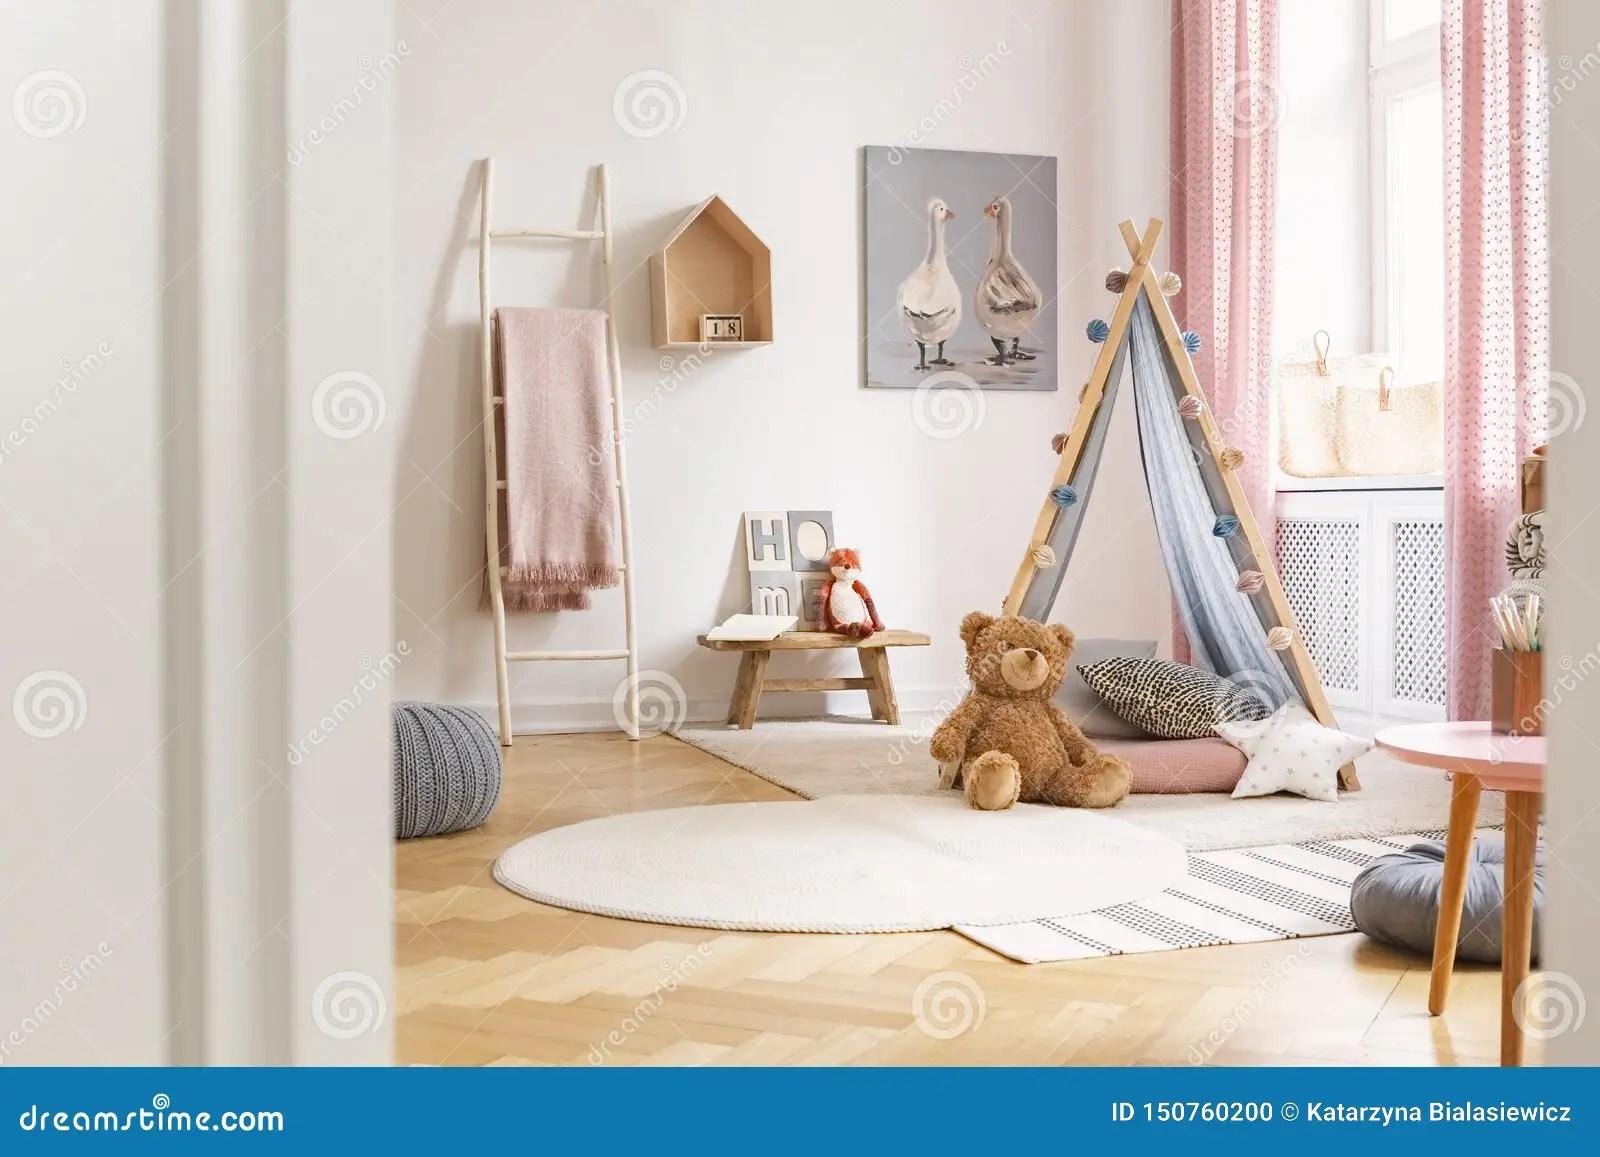 https fr dreamstime com salle jeux l enfant tente ours nounours les tapis peinture mur vraie photo image150760200